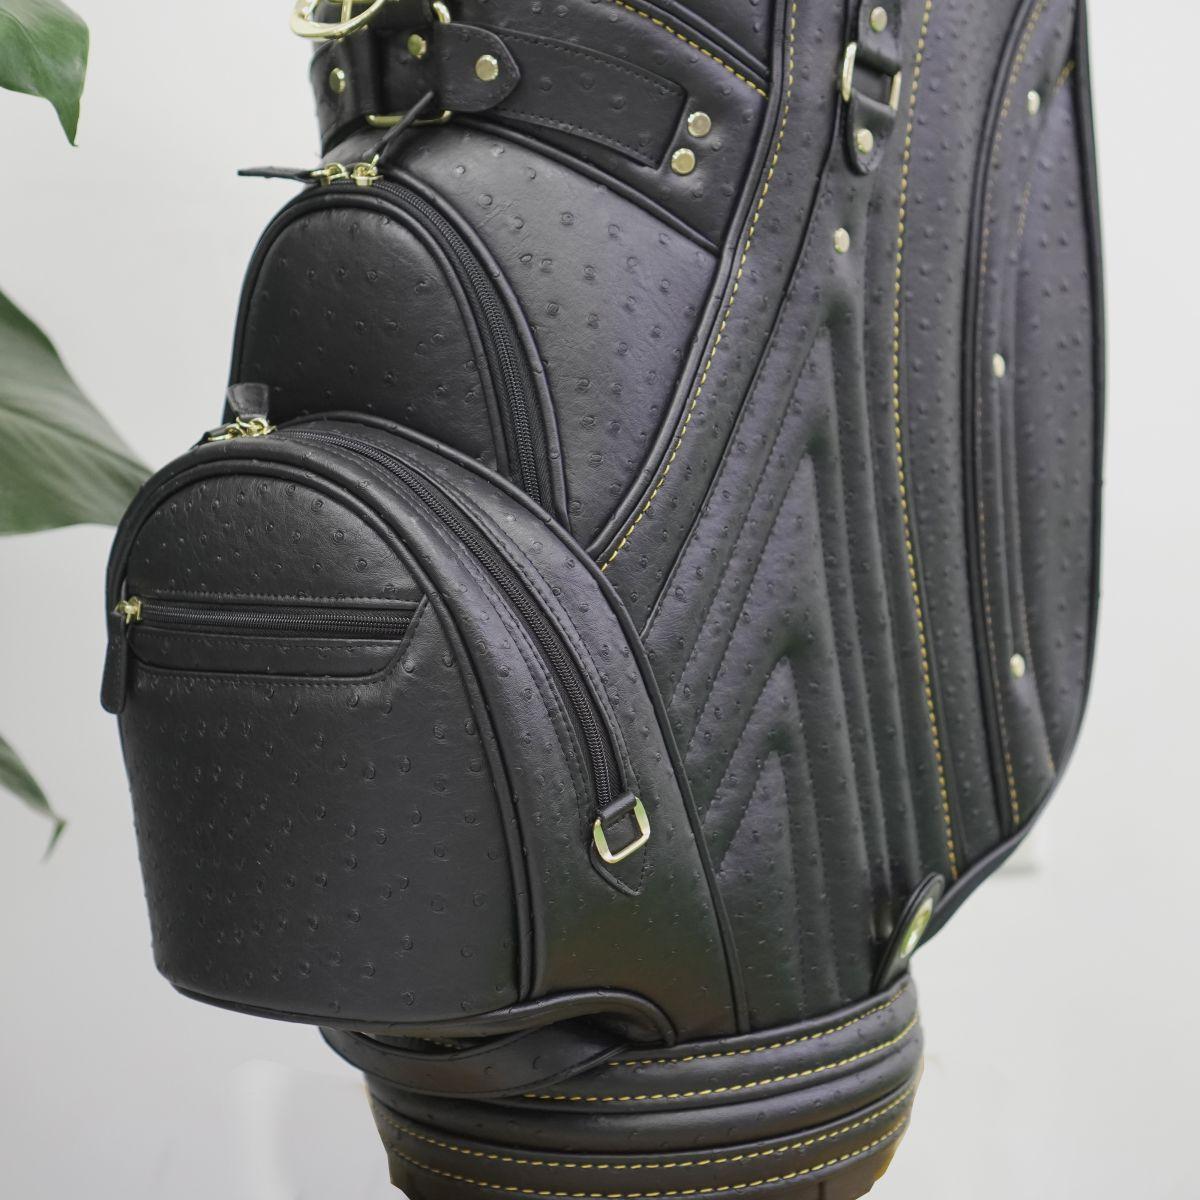 Túi đựng gậy golf Kenichi 6 sao đẳng cấp và sang trọng!